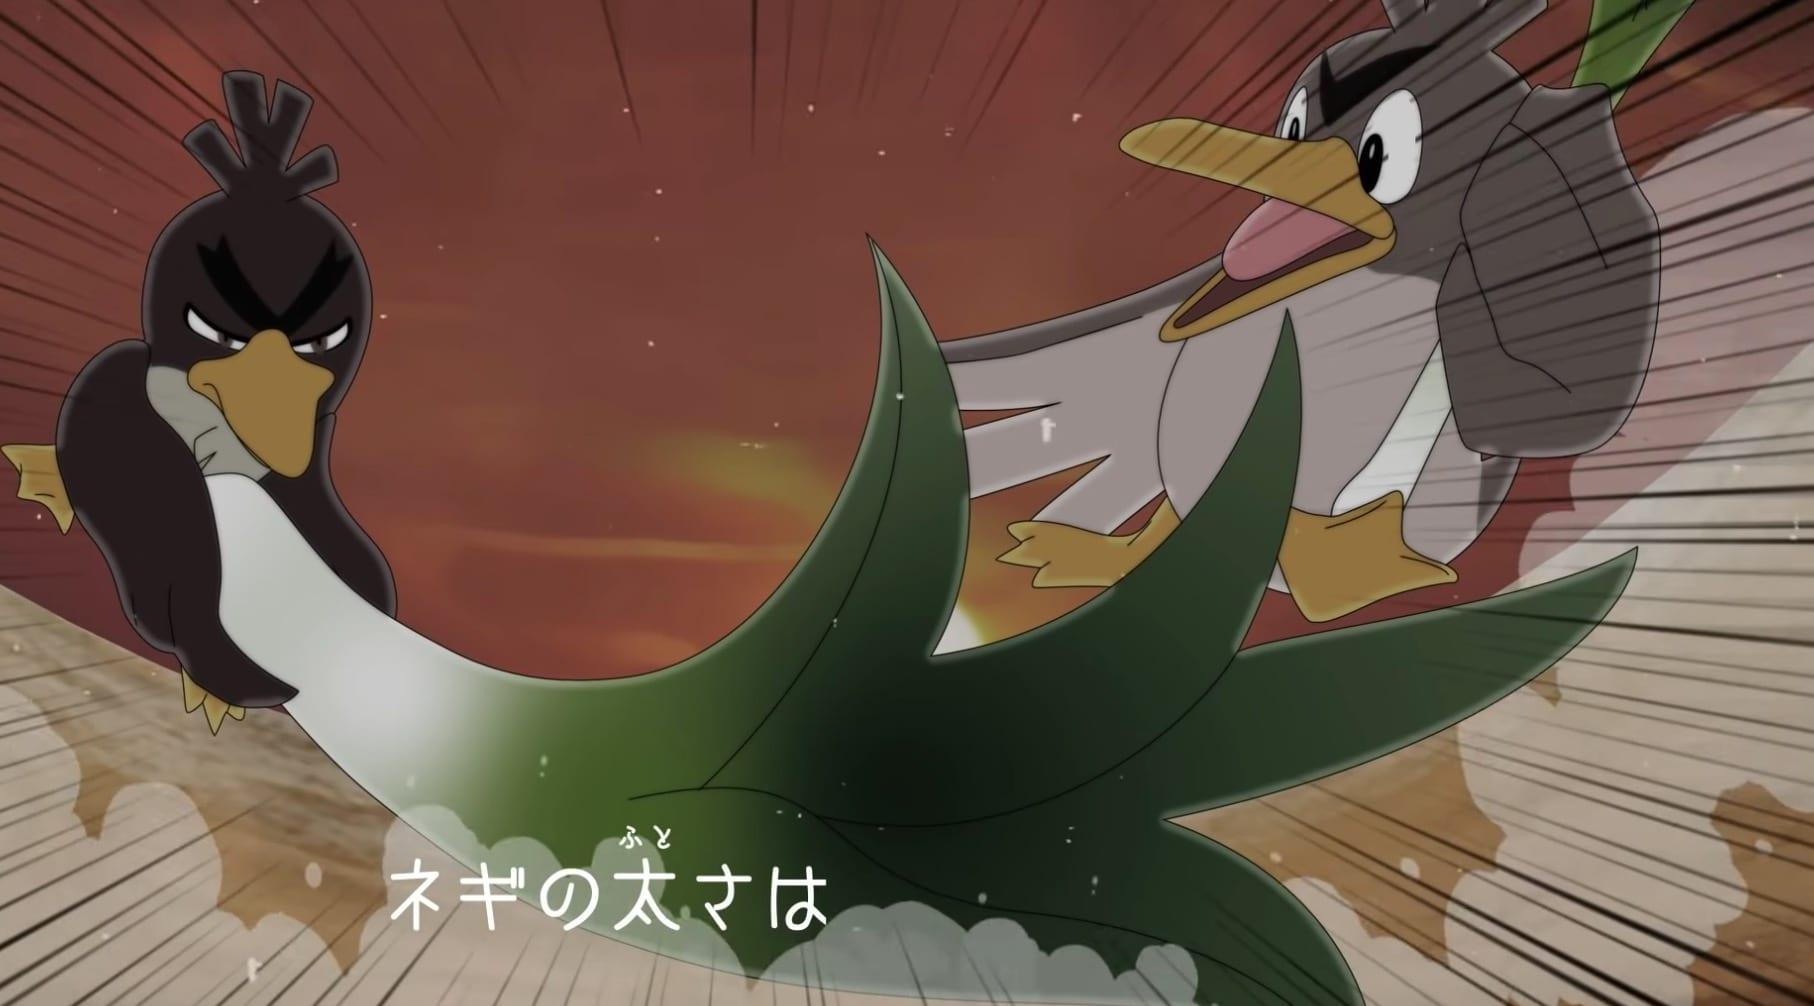 farfetch'd, pokemon music video